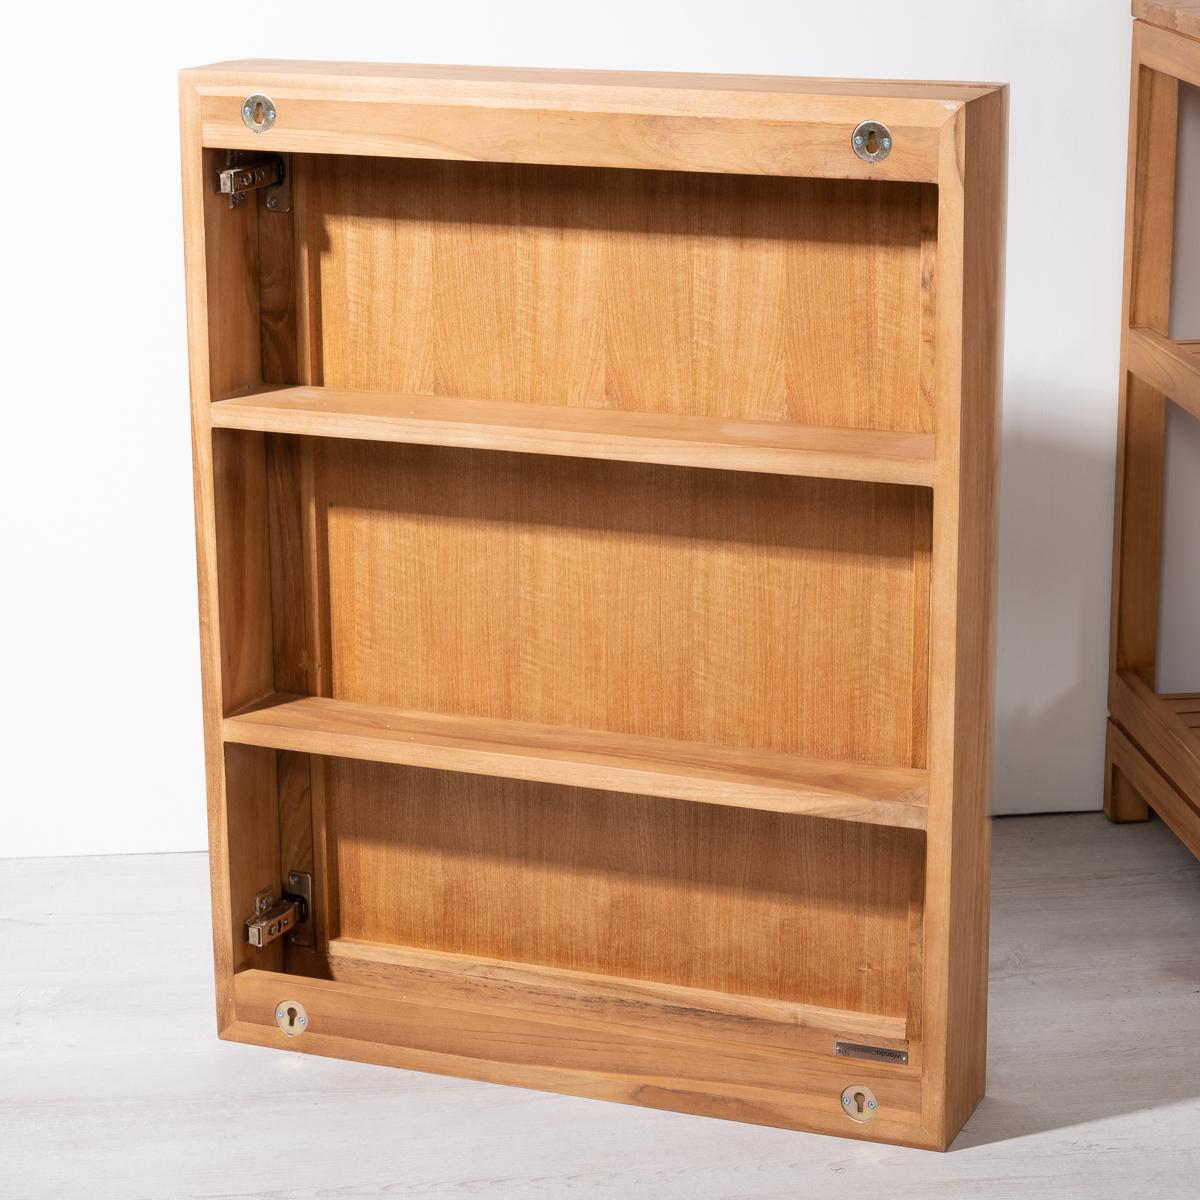 Miroir teck : Miroir armoire de toilette en bois massif ...